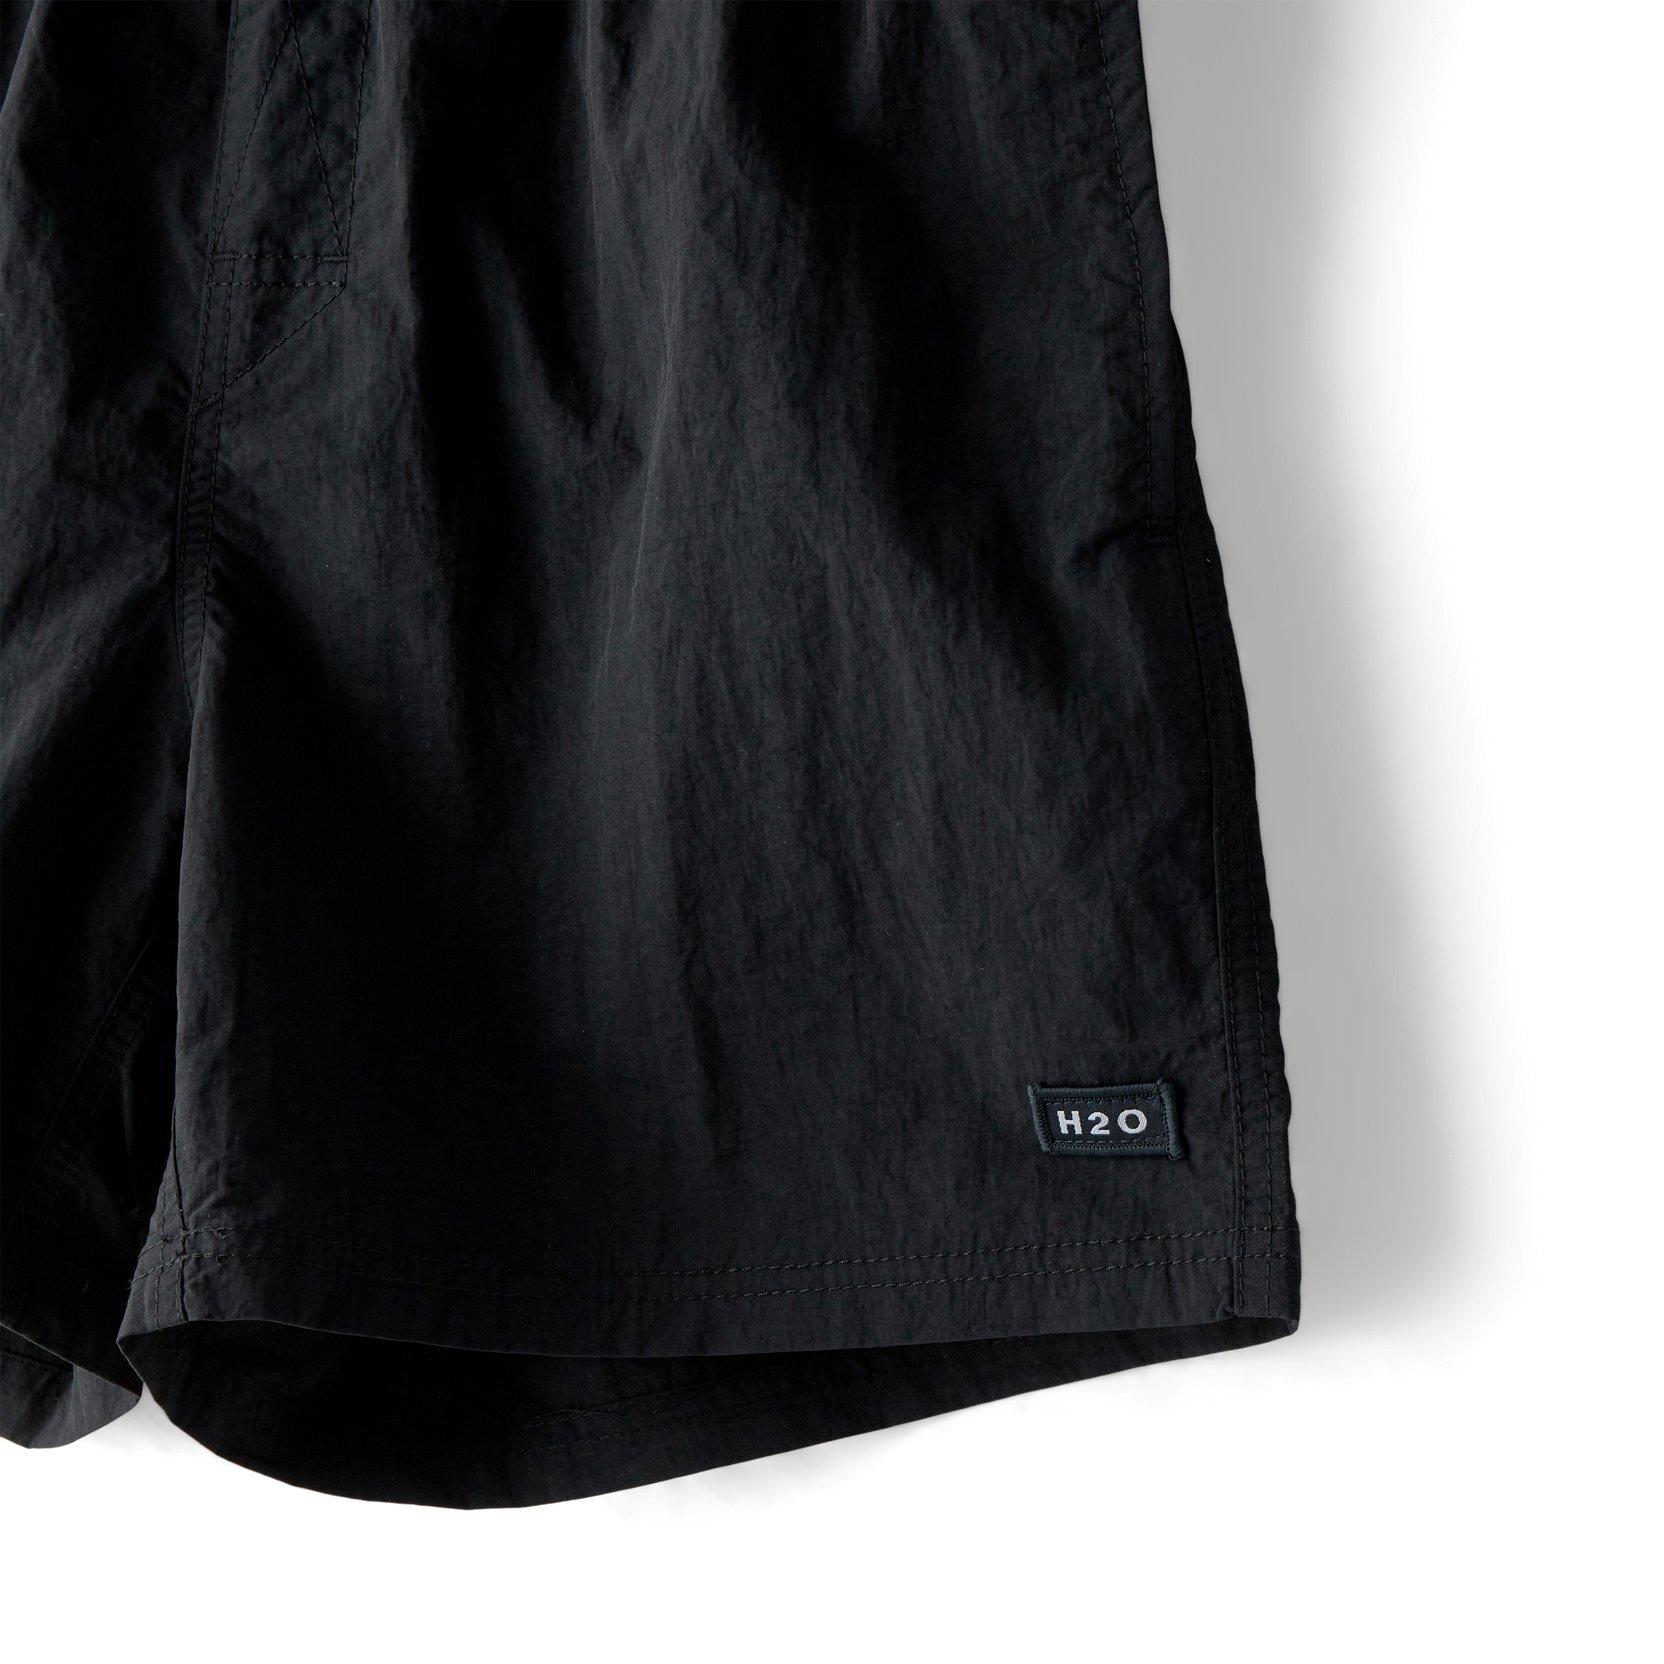 H2O Leisure badeshorts, black, xx-large